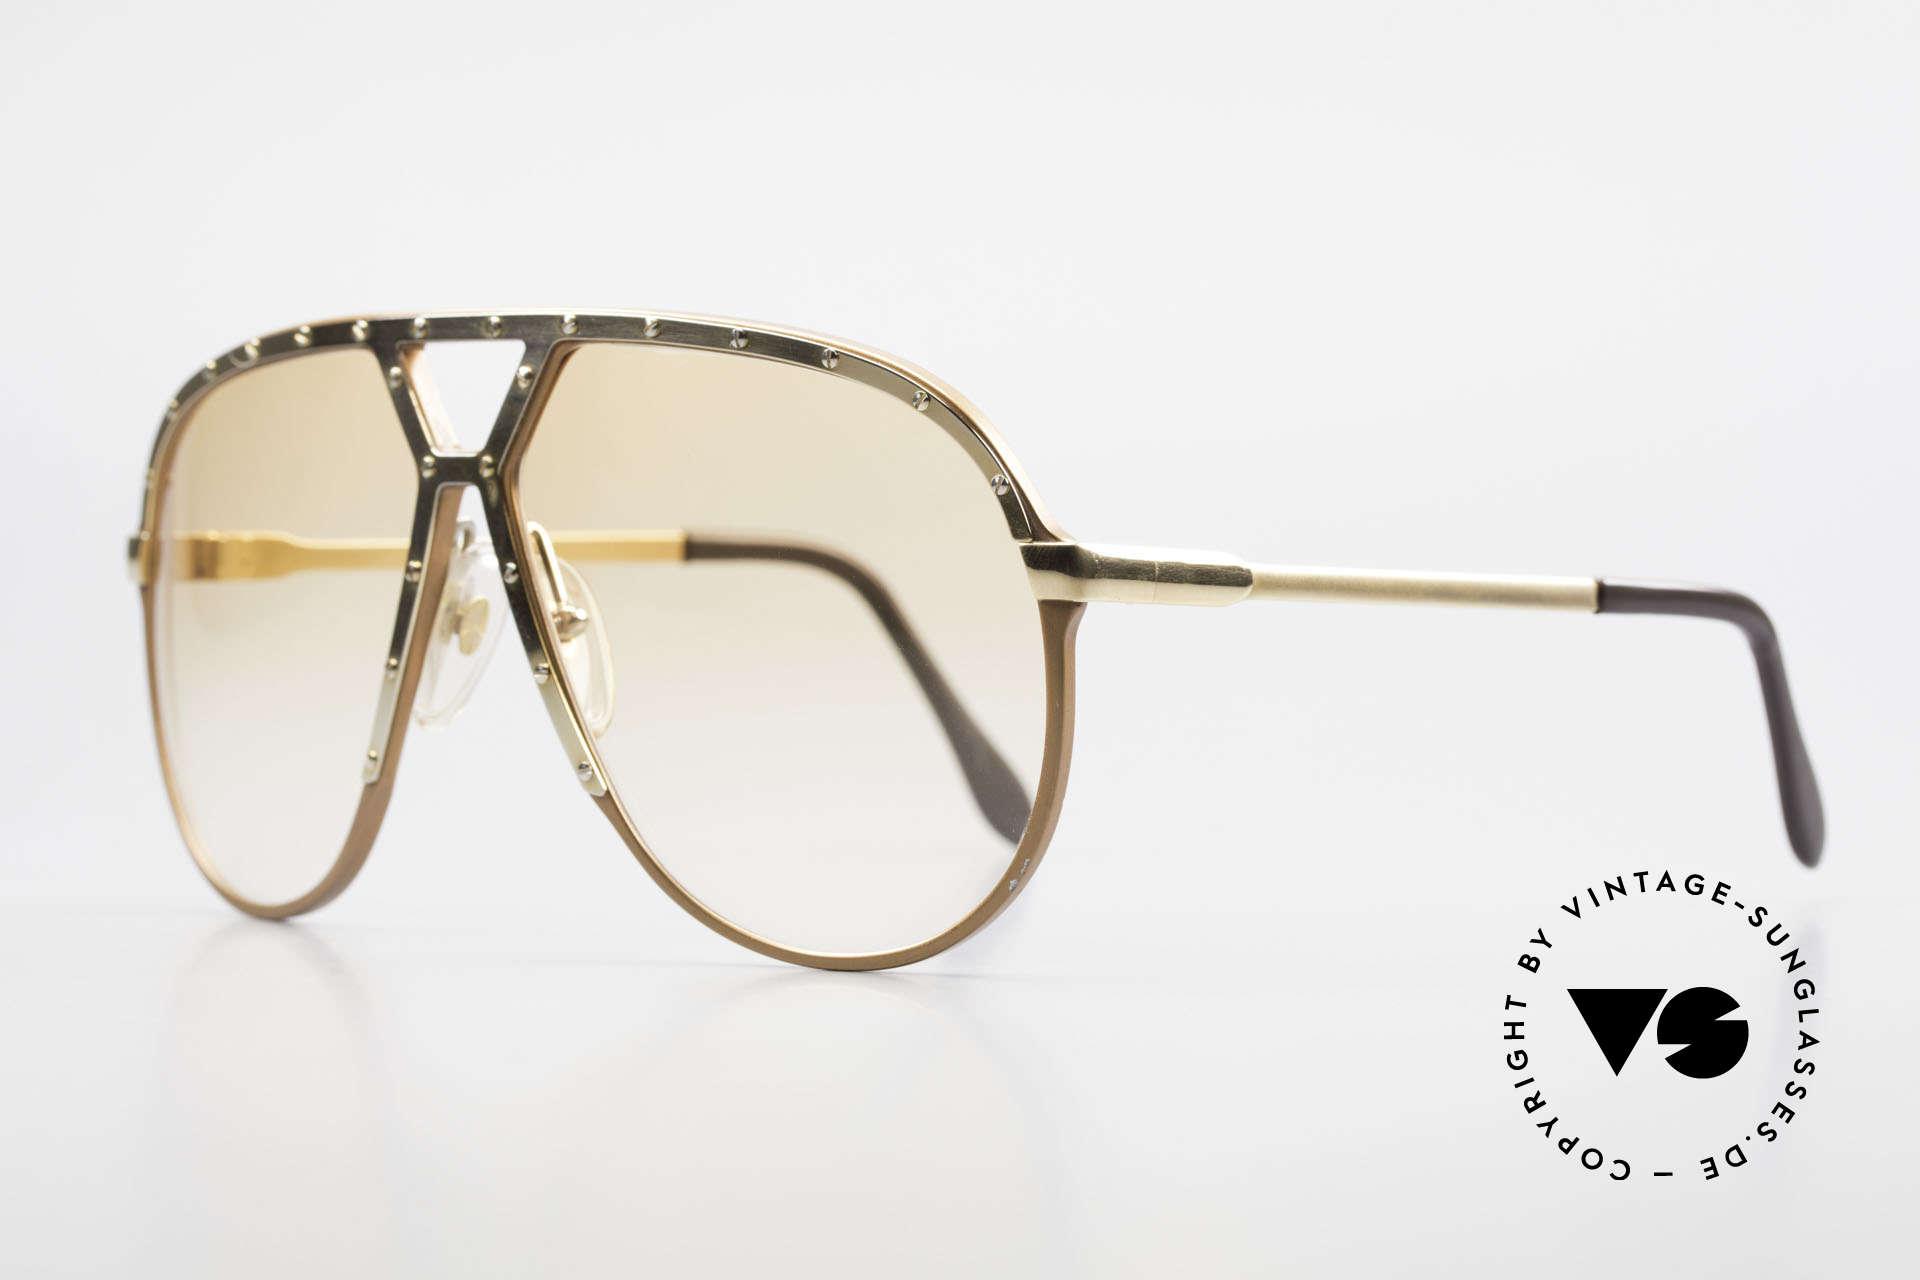 Alpina M1 Rare 80s Vintage Brille Orange, Gläser in orange-Verlauf (auch abends tragbar), Passend für Herren